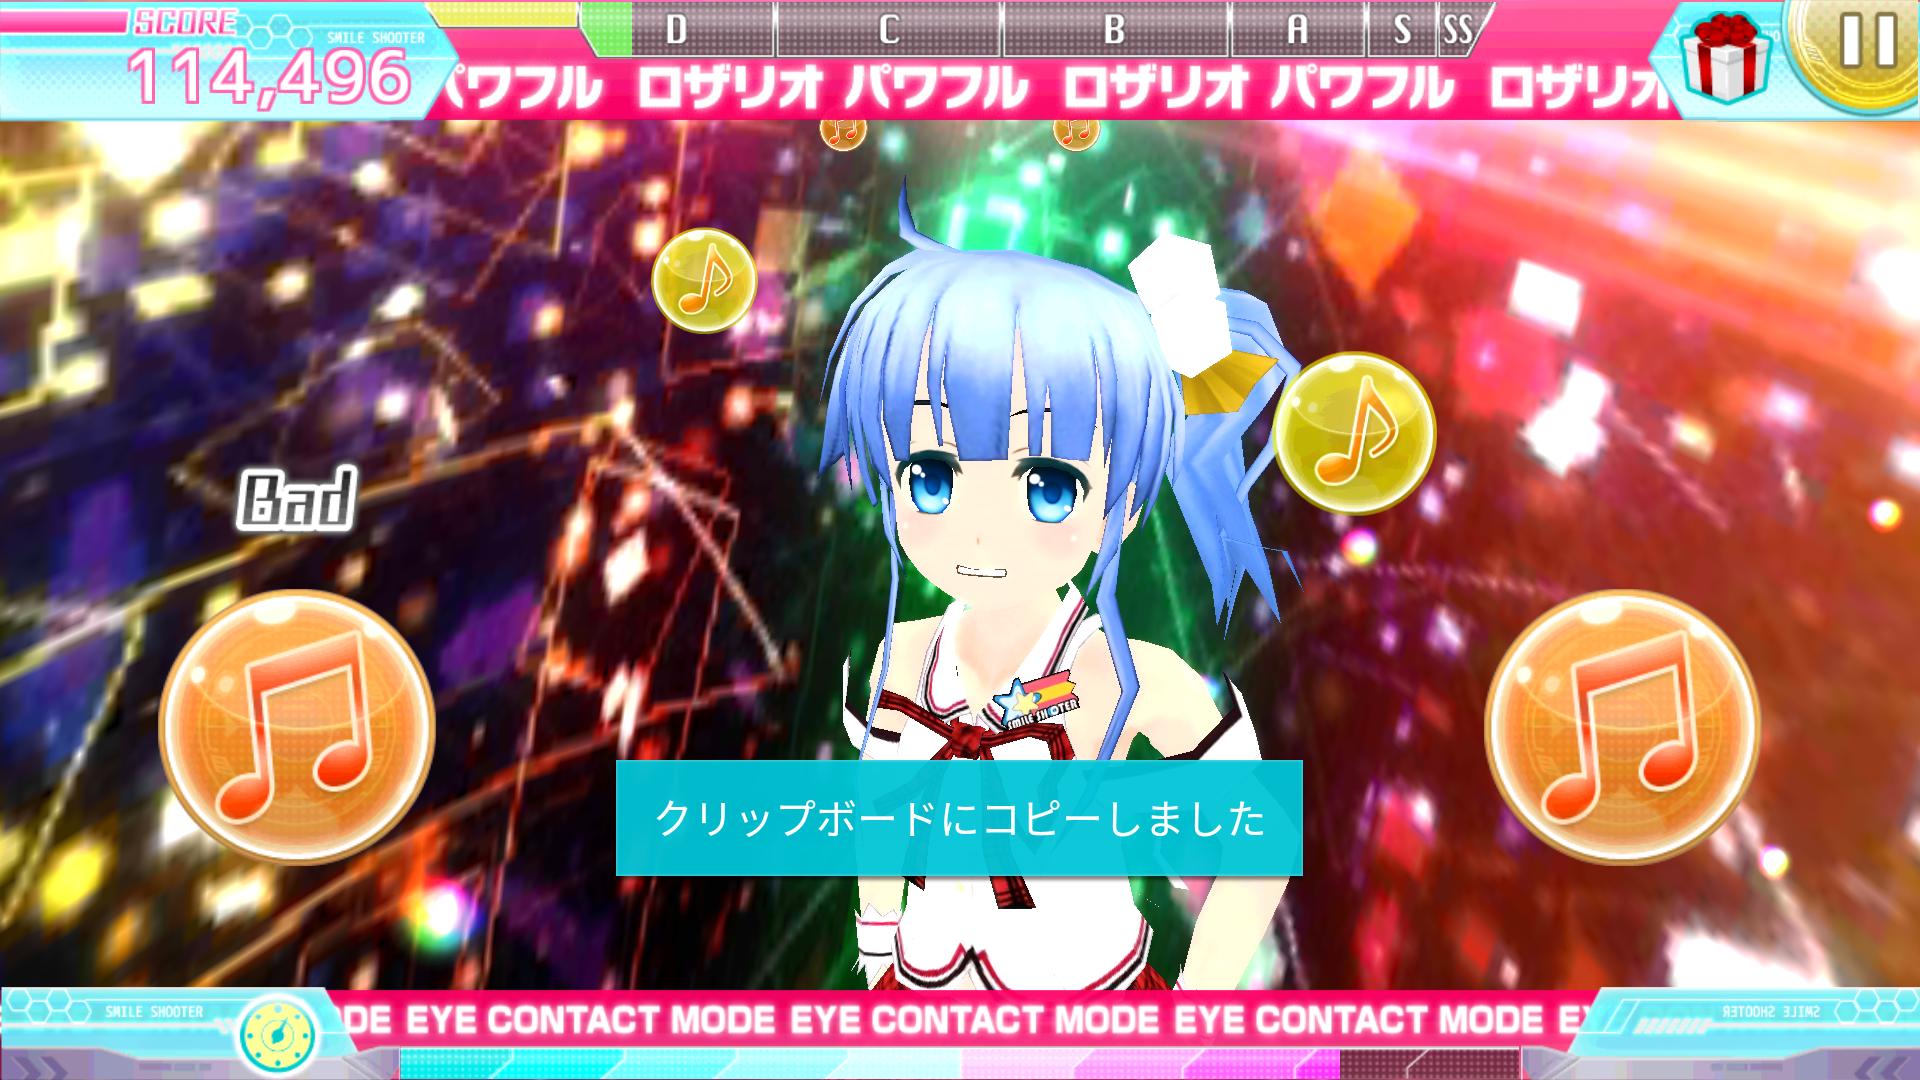 スマイル☆シューター Dear my Dream androidアプリスクリーンショット2